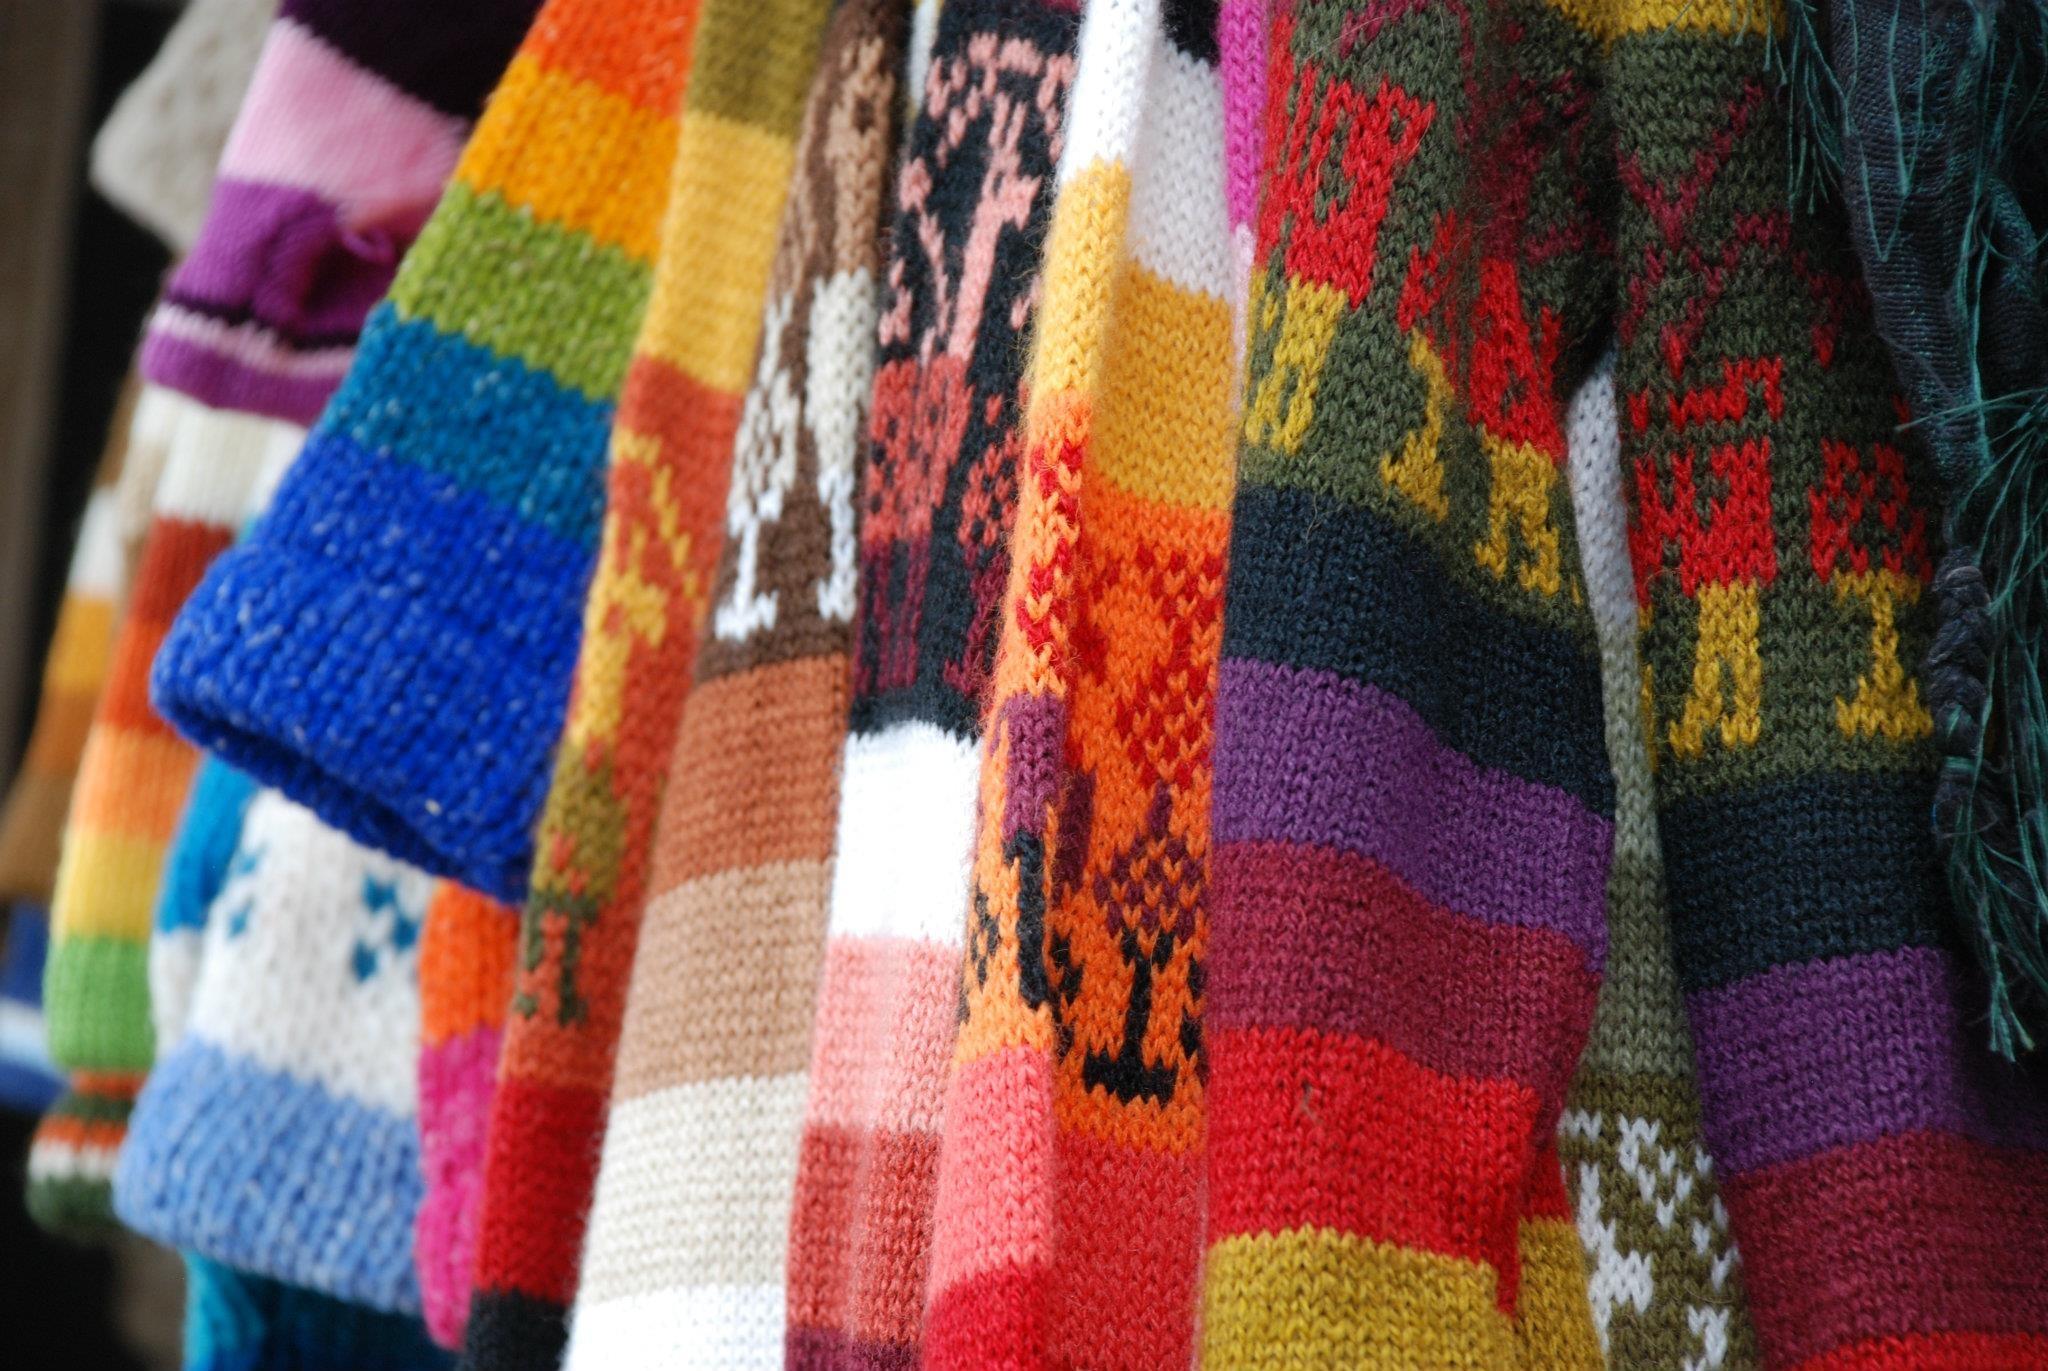 Fotos gratis : patrón, color, Moda, ropa, bufanda, material, suéter ...